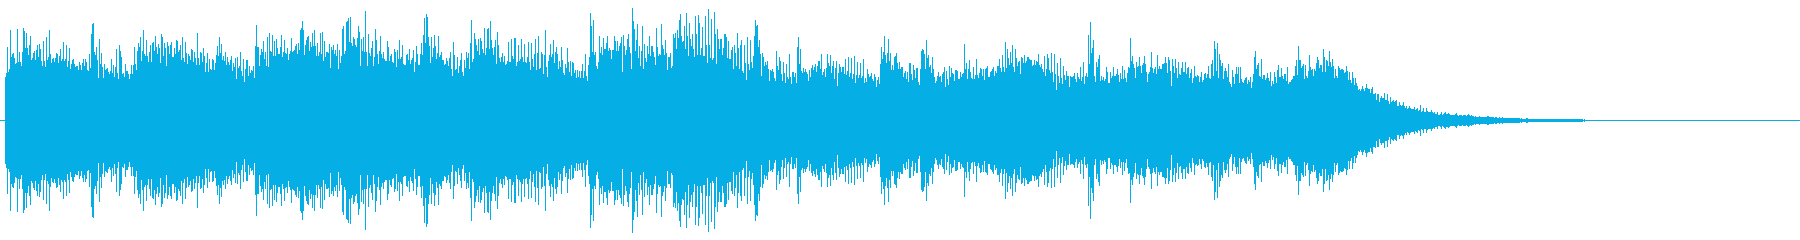 8bitなエンディング ほのぼの場面転換の再生済みの波形